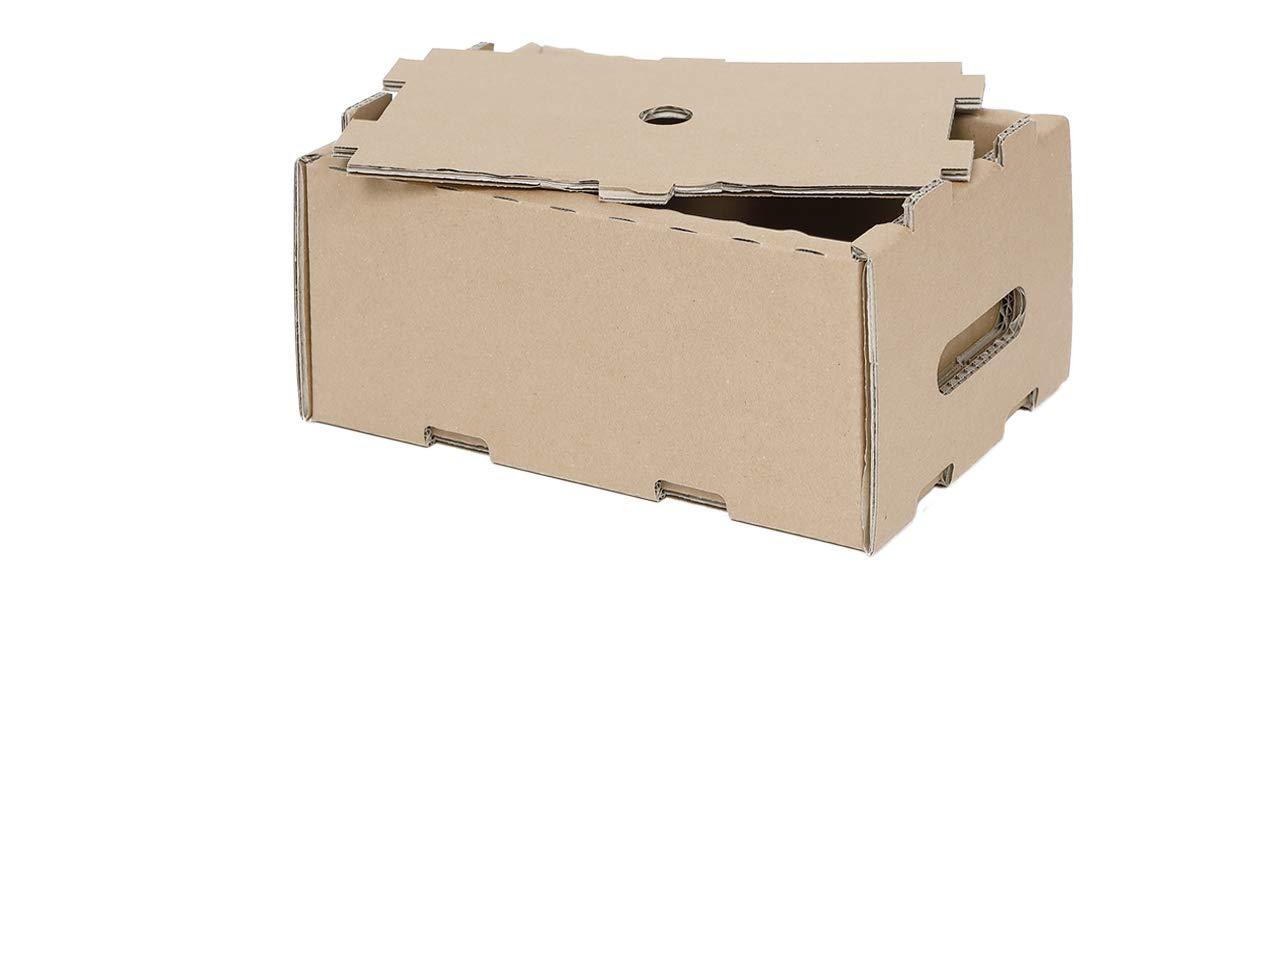 15 kleinladungs portador KLT A15 3740 258 x 158 x 128 mm Caja de transporte apilables cartón: Amazon.es: Oficina y papelería